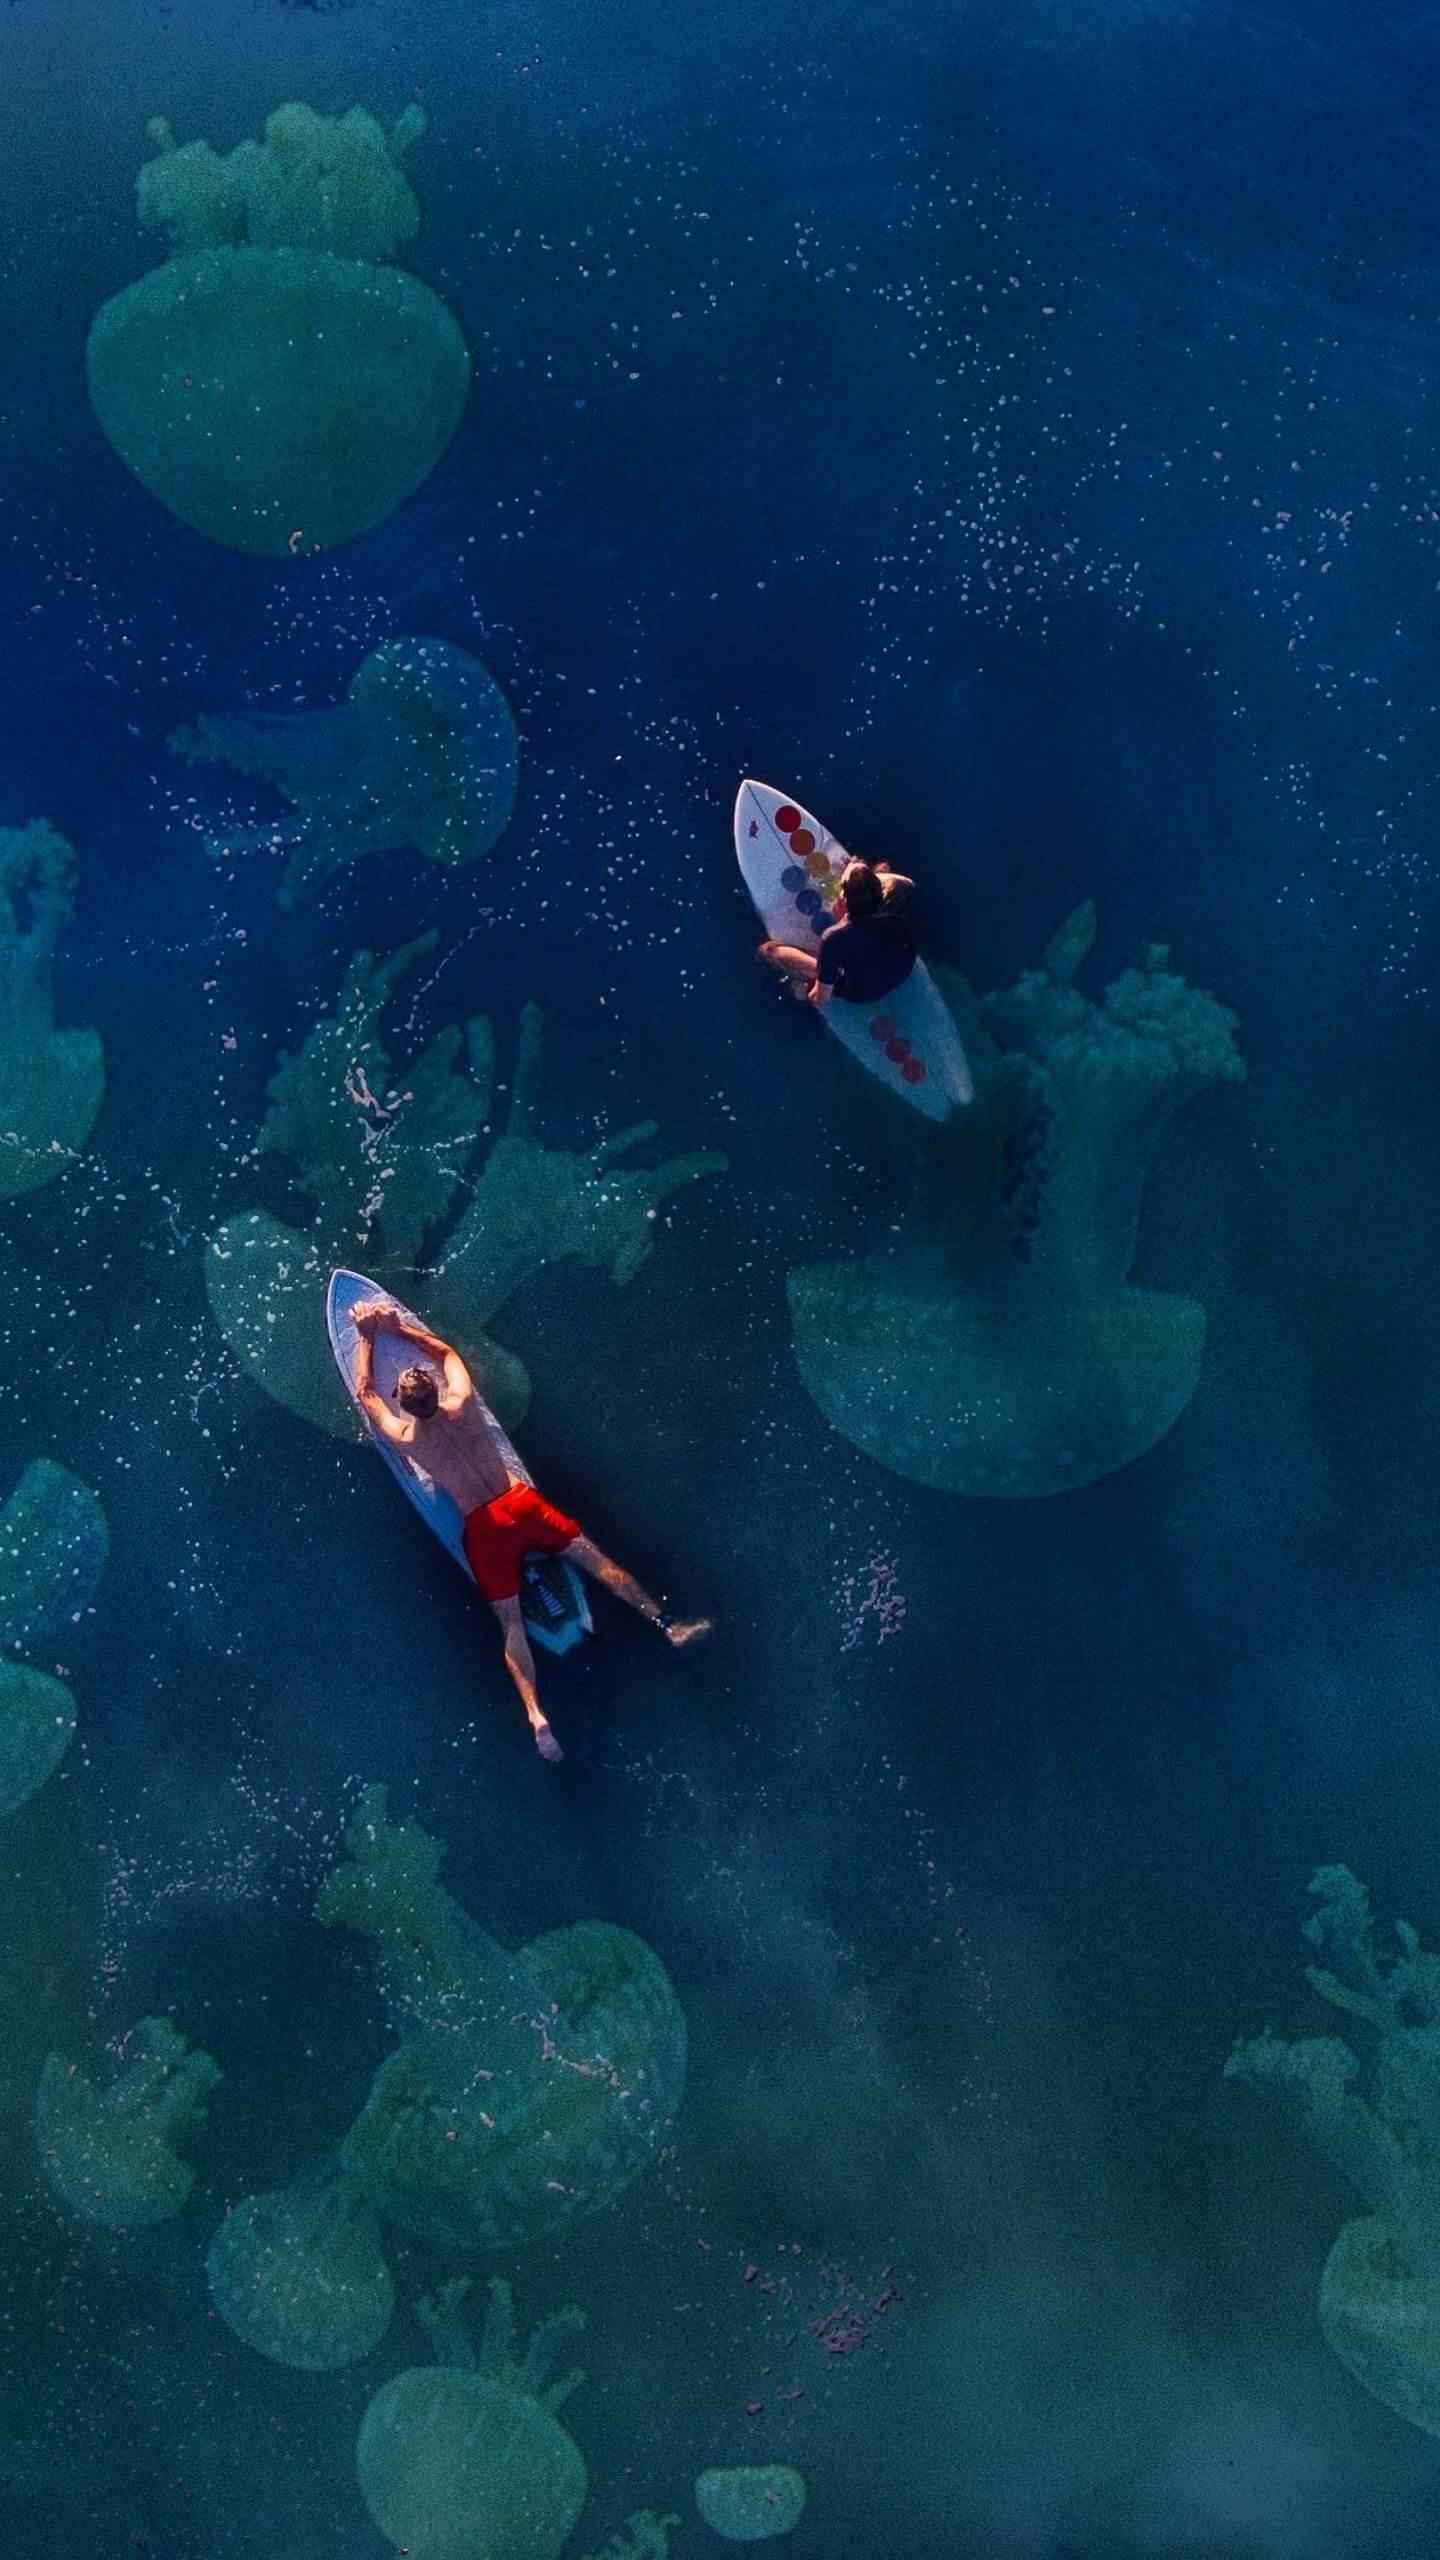 Surfing Ocean iPhone Wallpaper